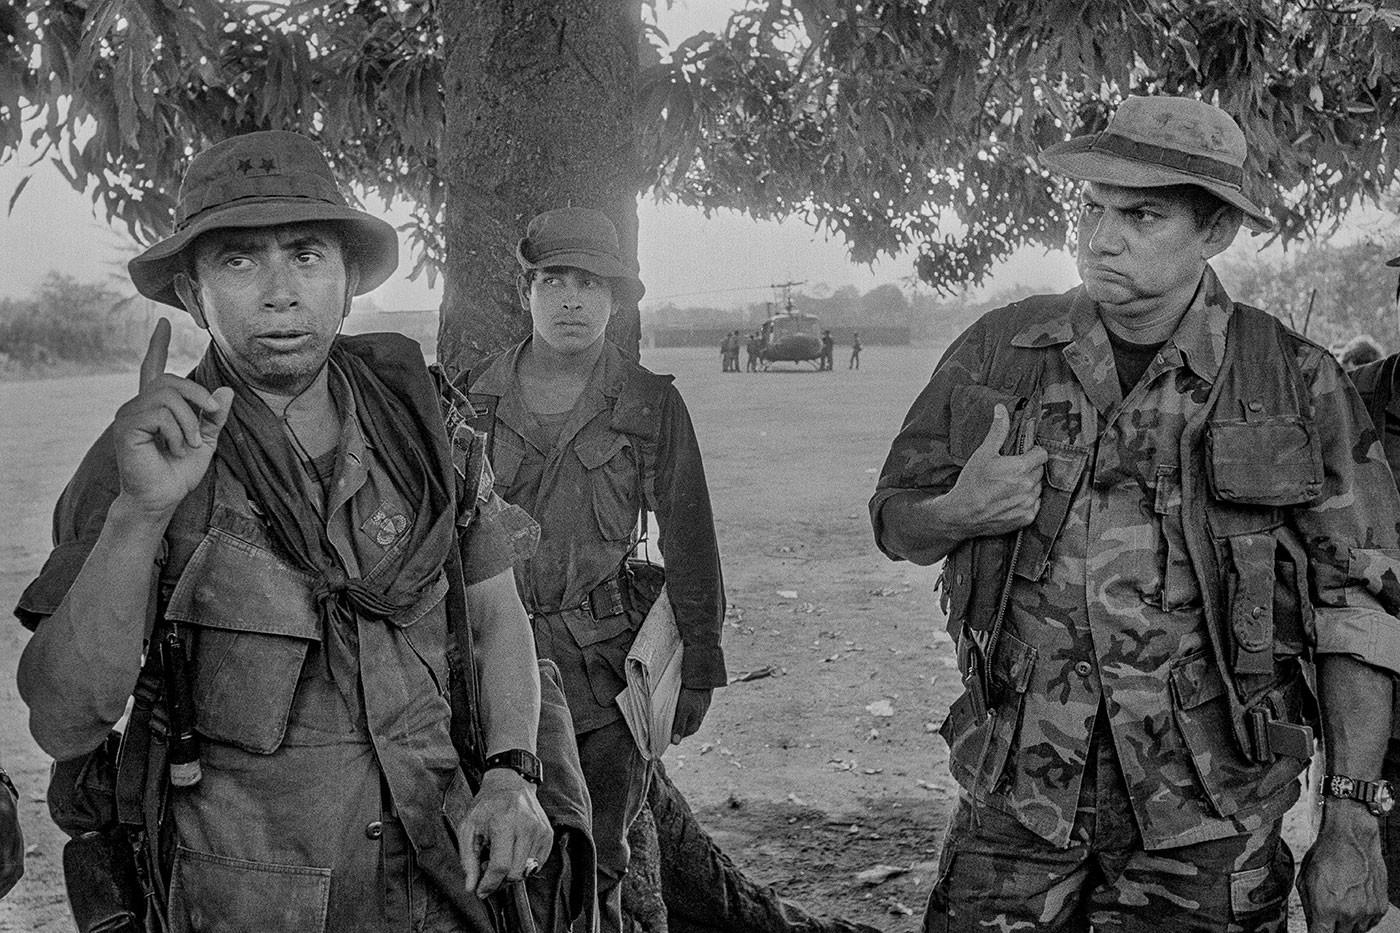 Военный командир подполковник Доминго Монтерроса выступает перед войсками в начале противопартизанской операции, департамент Сан-Мигель, Сальвадор, а подполковник Маурисио Стабен (справа) смотрит на Лас-Мария, Сальвадор, май 1984 года. Фото © Getty Images